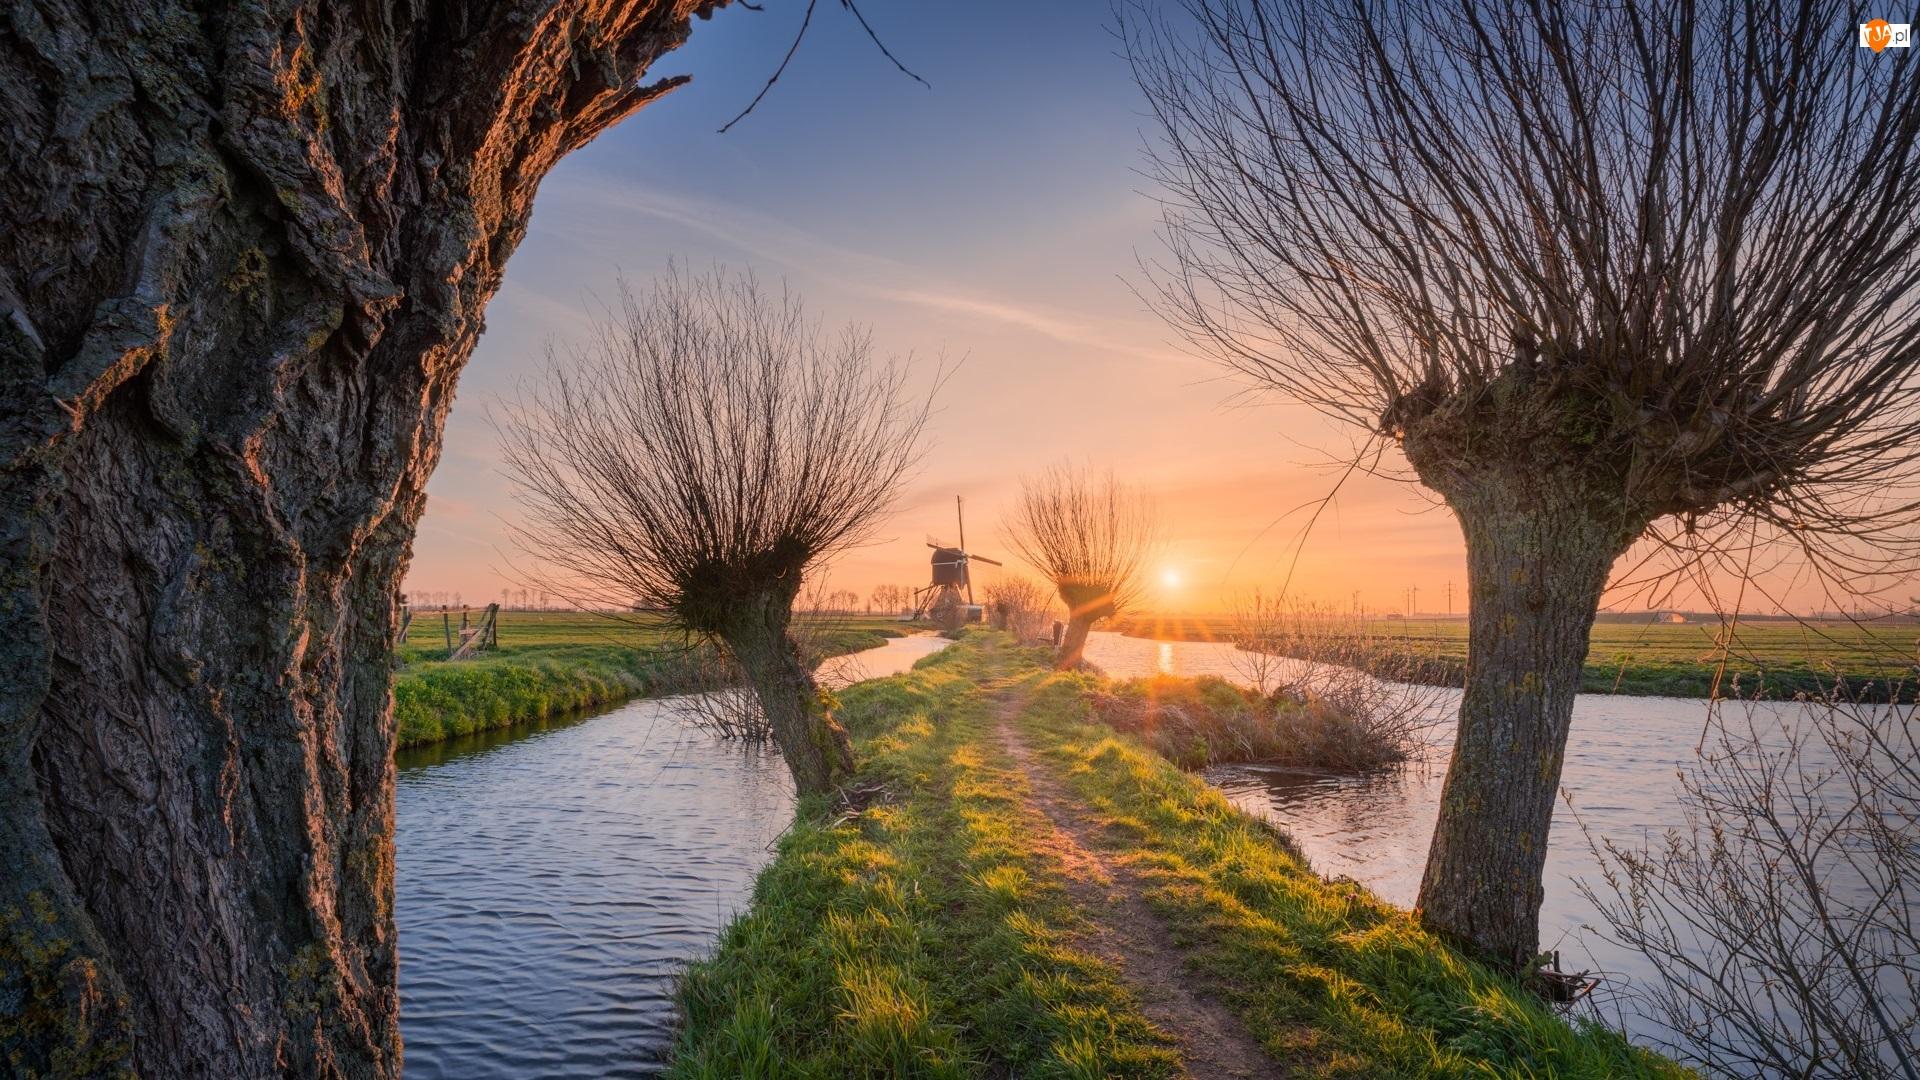 Rzeka, Wschód słońca, Holandia, Wiatraki, Wieś Kinderdijk, Wierzby, Drzewa